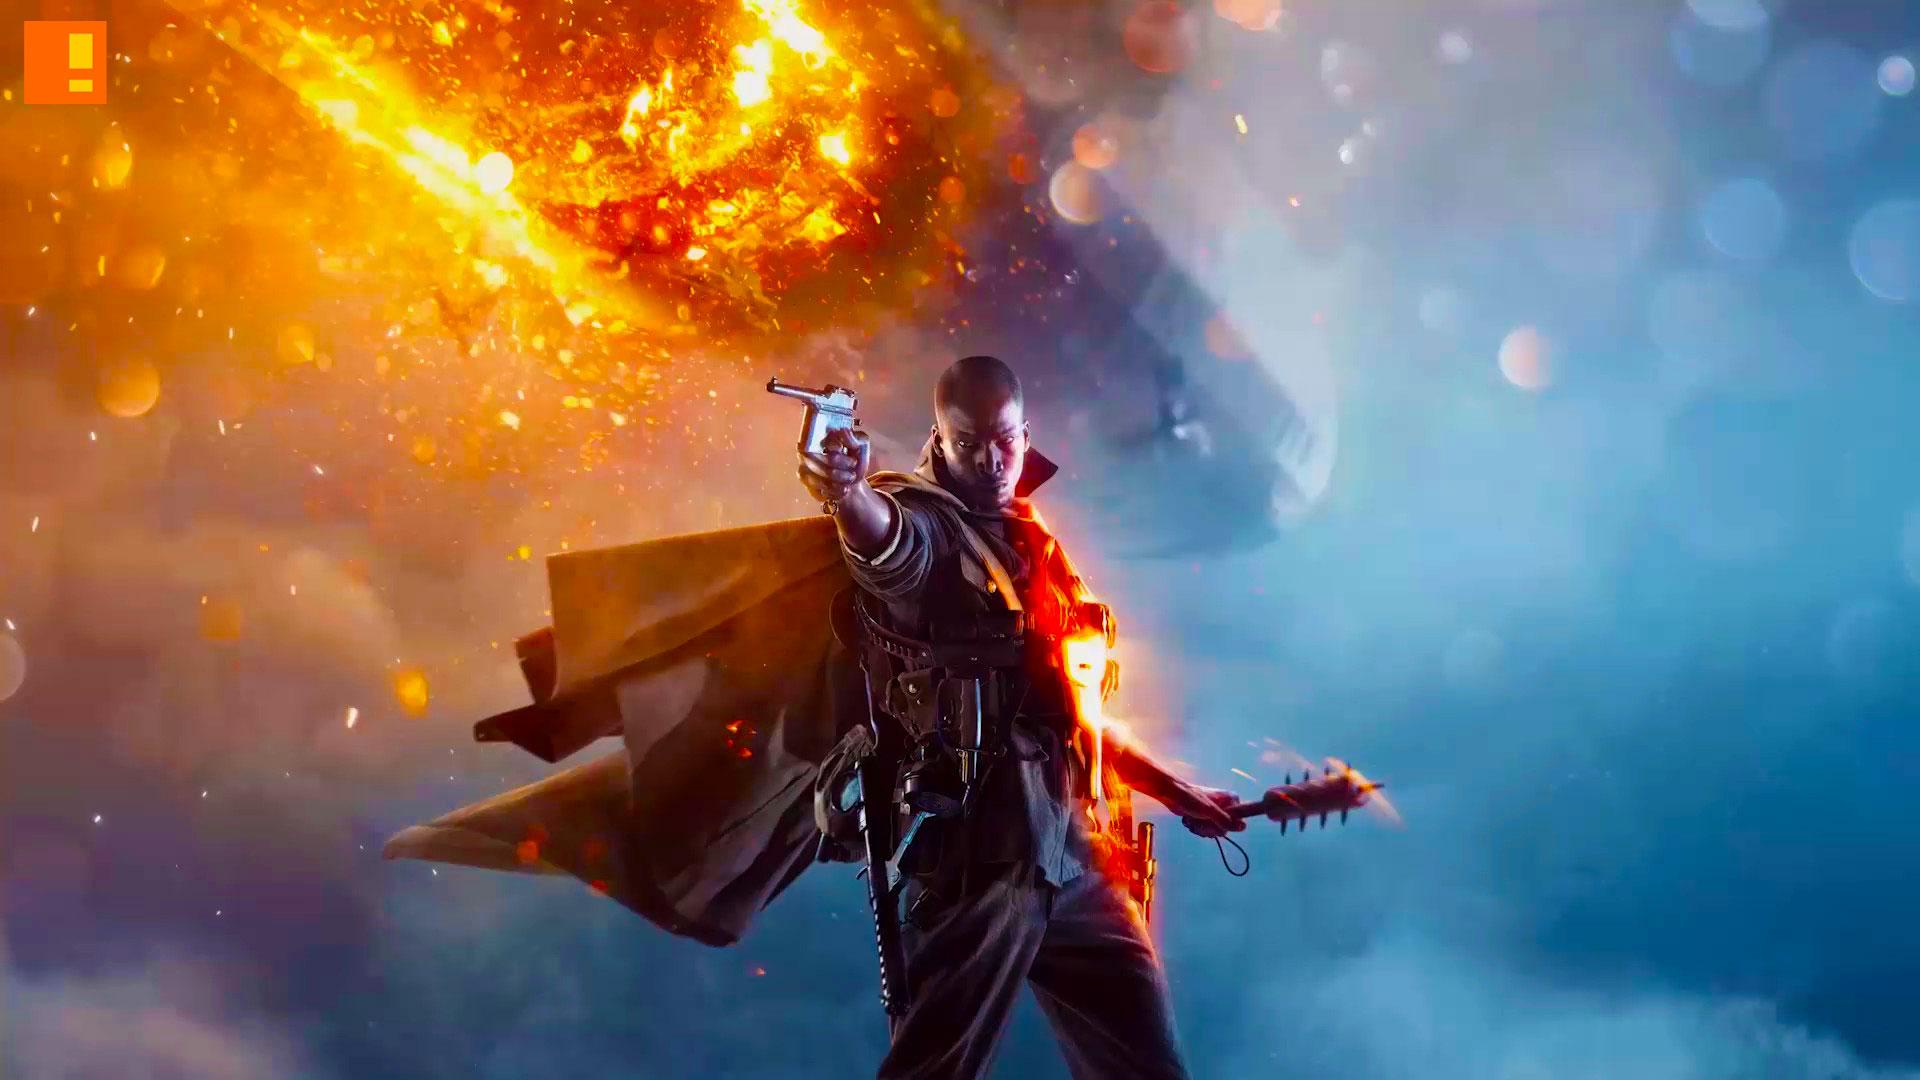 battlefield 1, world war 1, wwI,ww1, trailer, reveal trailer, ea dice, electronic arts, ea, reveal trailer, trailer,